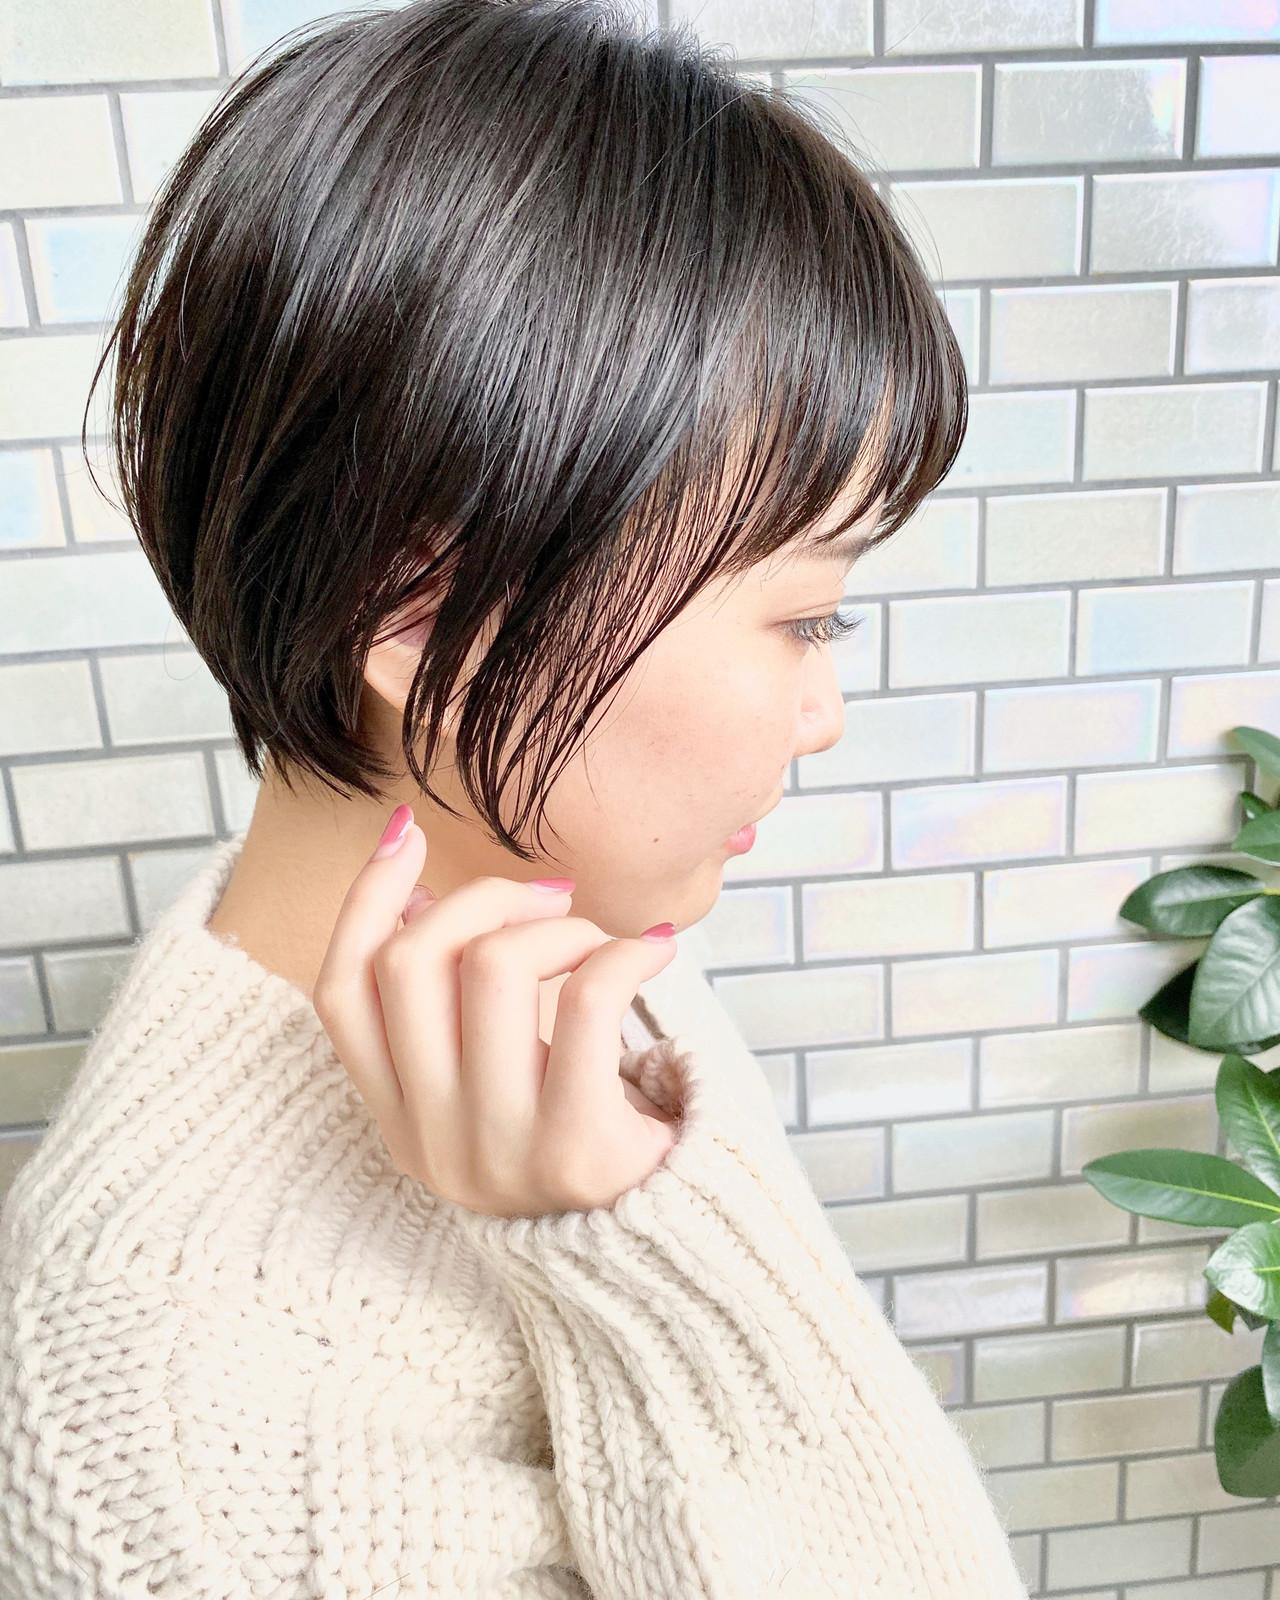 ナチュラル ショート デート ショートヘア ヘアスタイルや髪型の写真・画像 | 大人可愛い【ショート・ボブが得意】つばさ / VIE